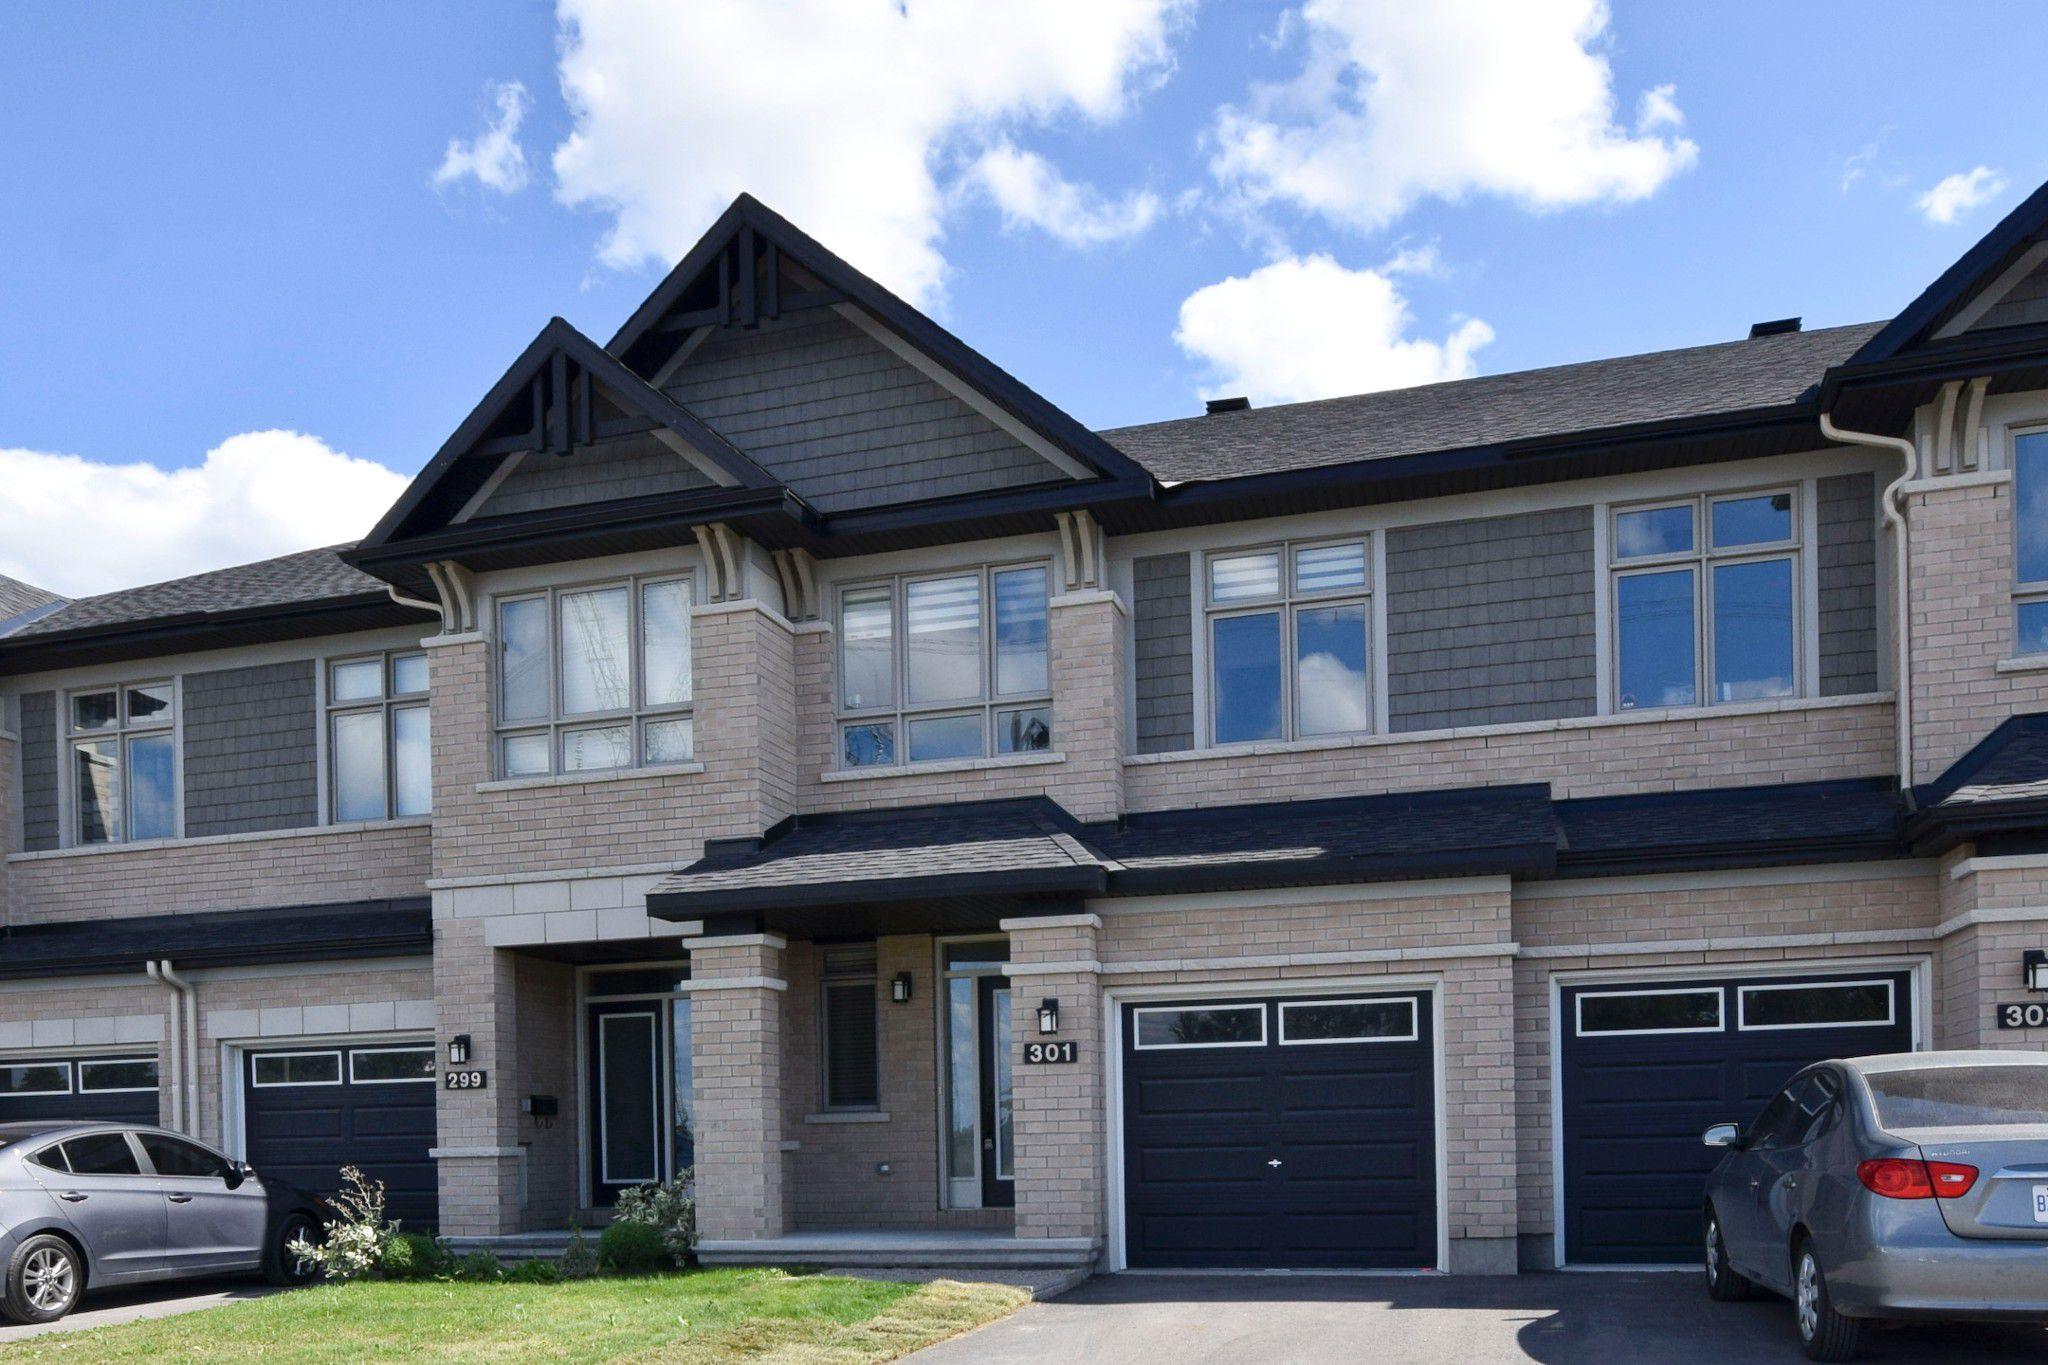 Photo 3: Photos: 301 Livery Street Stittsville Ottawa ON 255